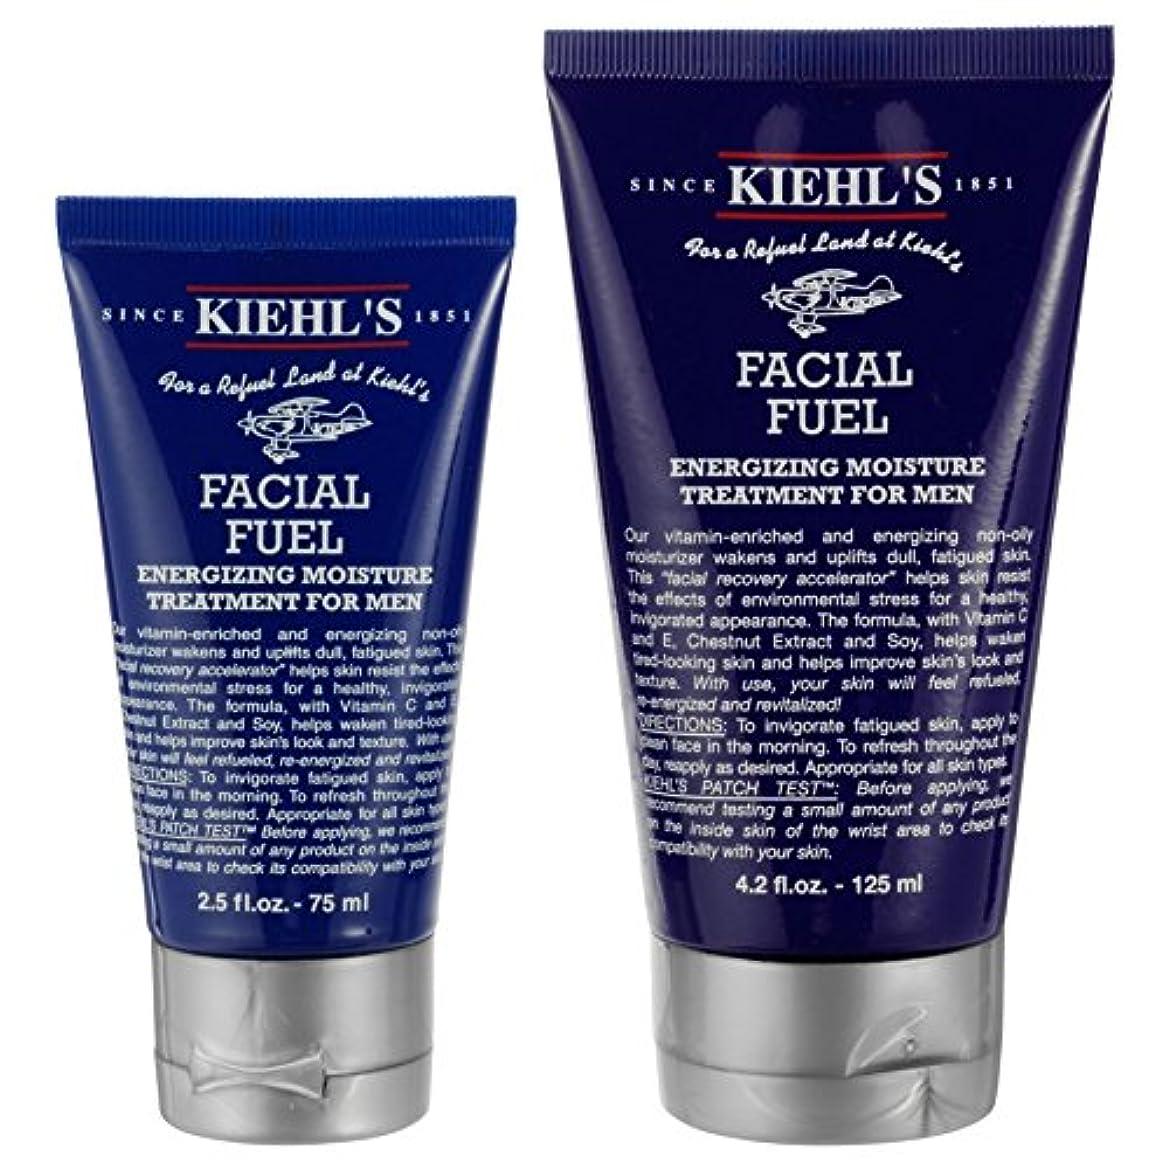 タール平和的スマイル[Kiehl's ] Kiehls究極の男の顔燃料125ミリリットル - Kiehls Ultimate Man Facial Fuel 125ml [並行輸入品]